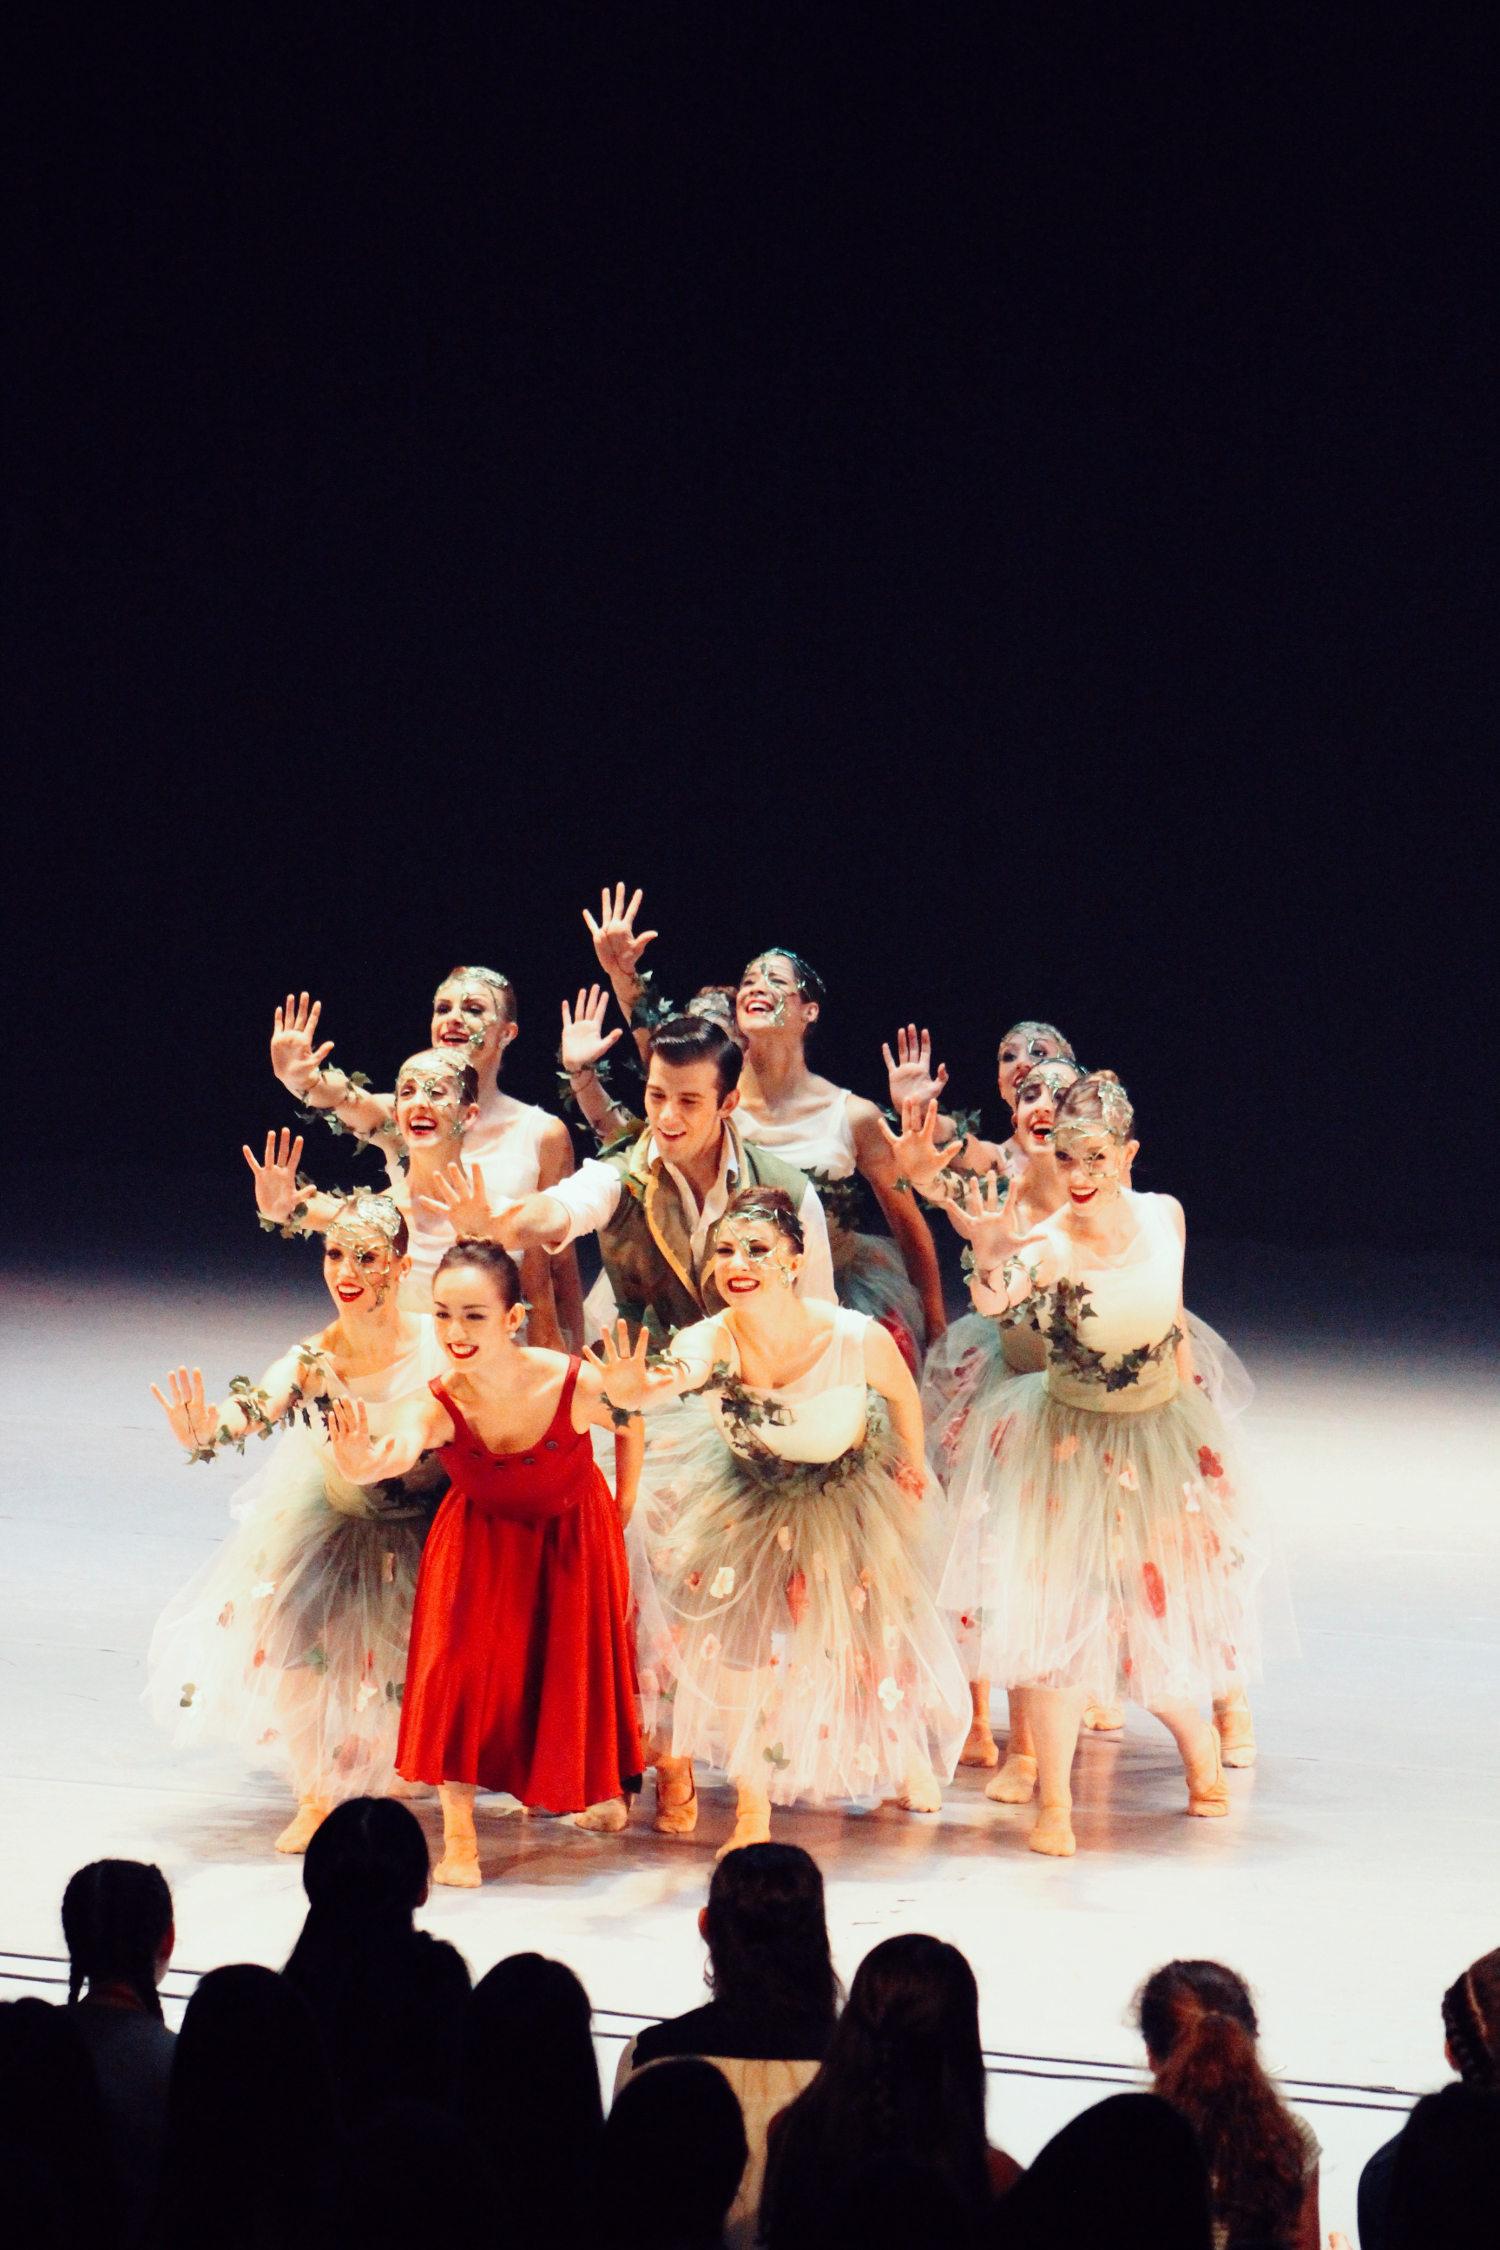 dancers-reaching-into-audience.jpg